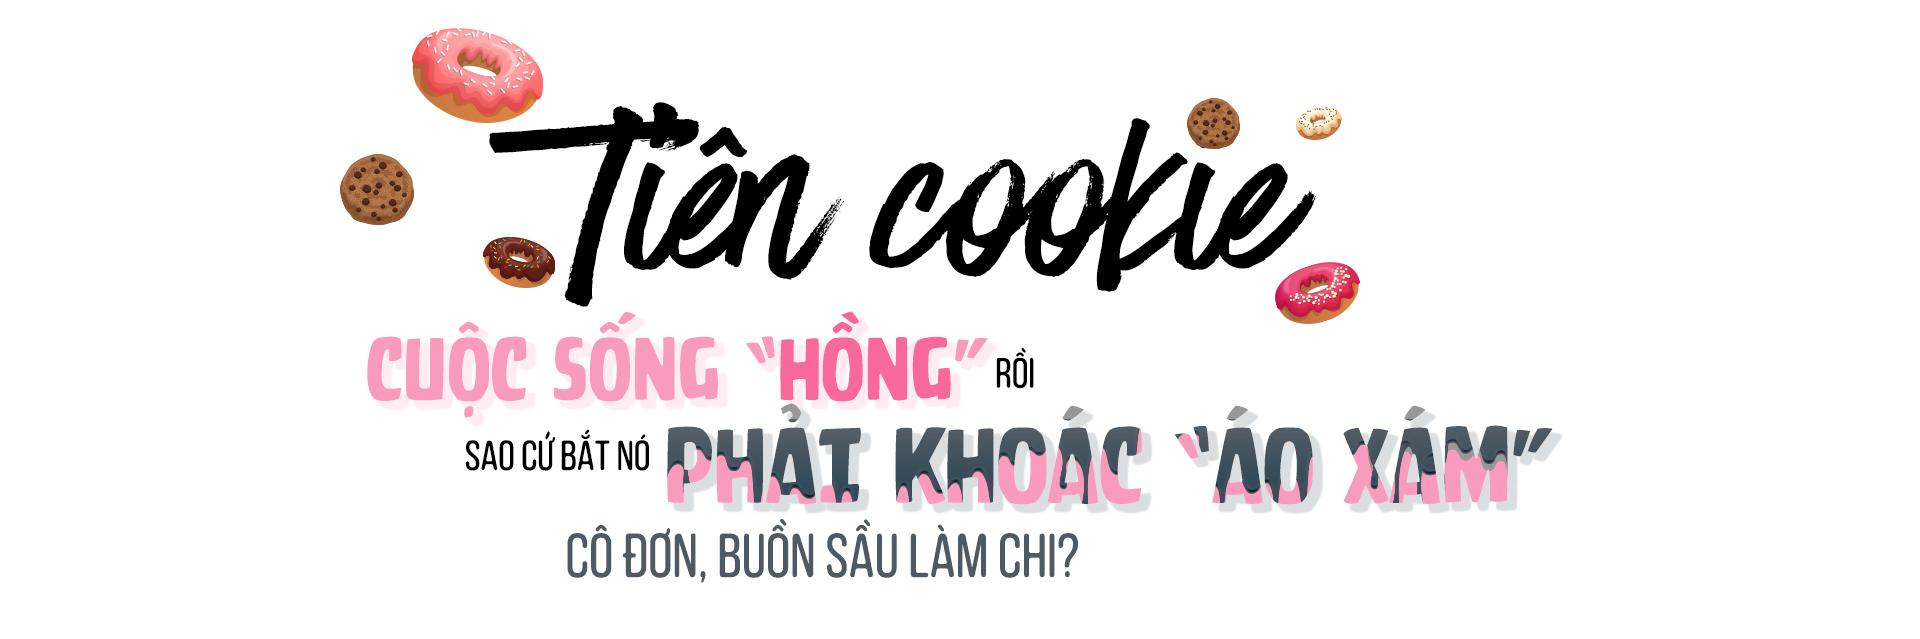 Tiên Cookie: Cuộc sống 'hồng' rồi, sao cứ bắt nó phải khoác 'áo xám' cô độc, buồn sầu làm chi?